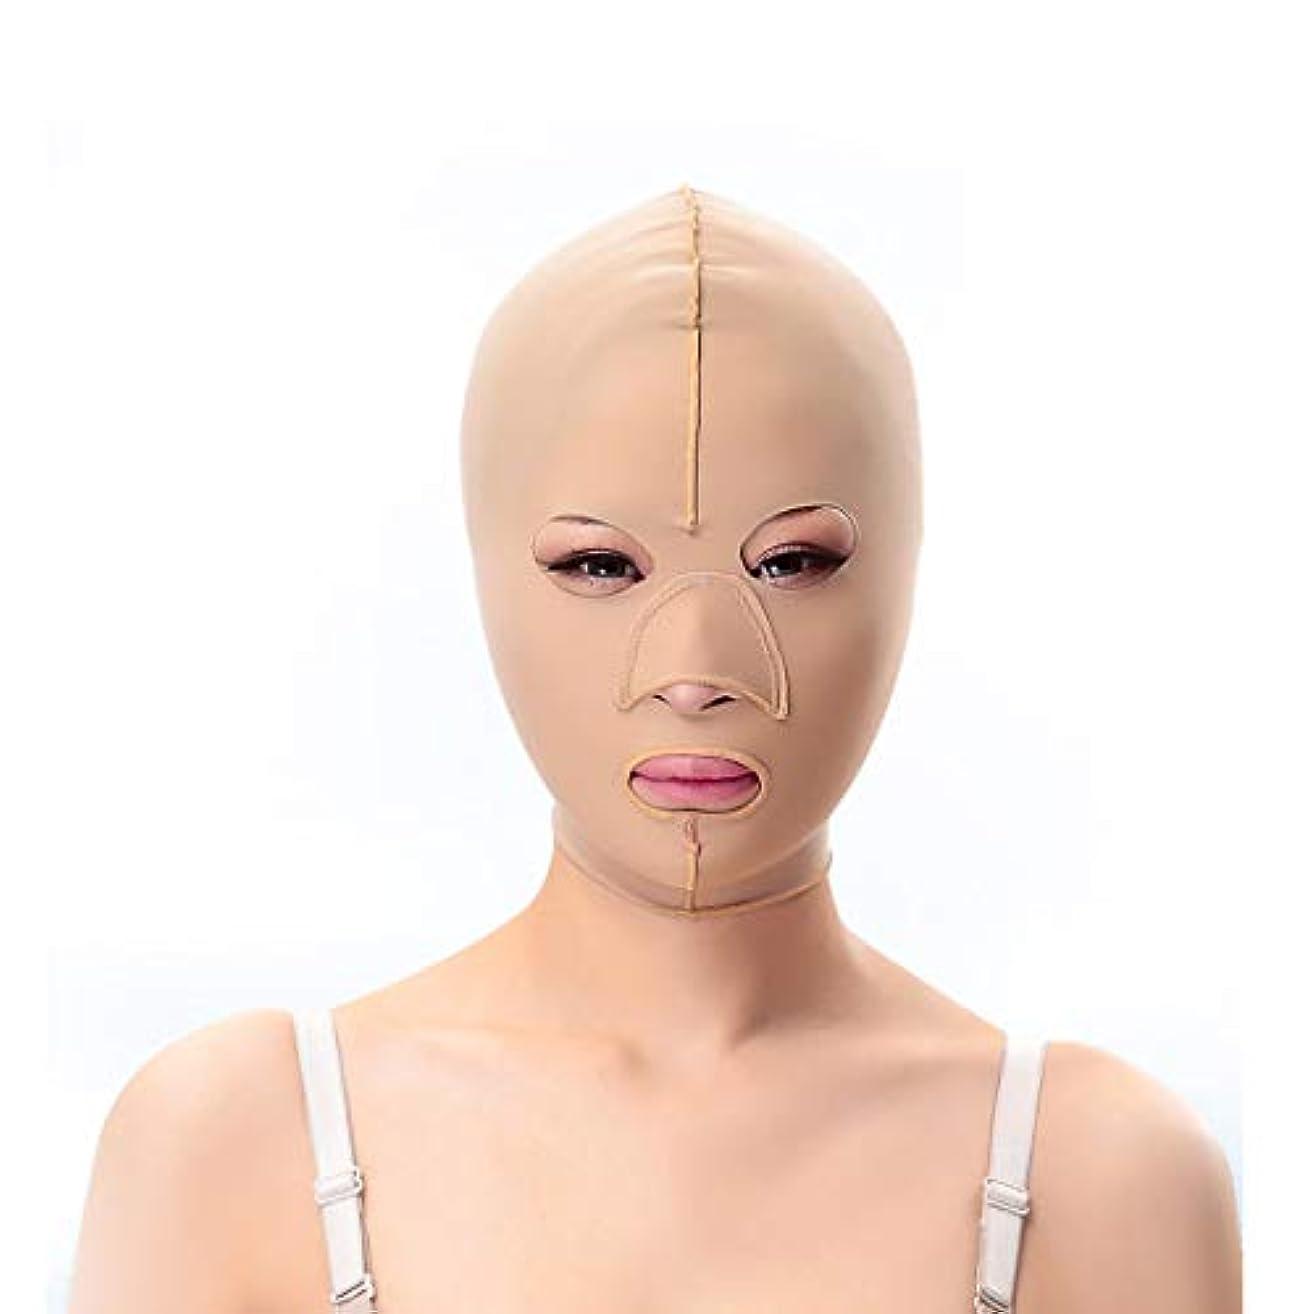 データム委員長批判的にTLMY 減量ベルトマスクフェイスマスク神聖なパターンリフト二重あご引き締め顔面プラスチック顔面アーティファクト強力な顔面包帯 顔用整形マスク (Size : S)